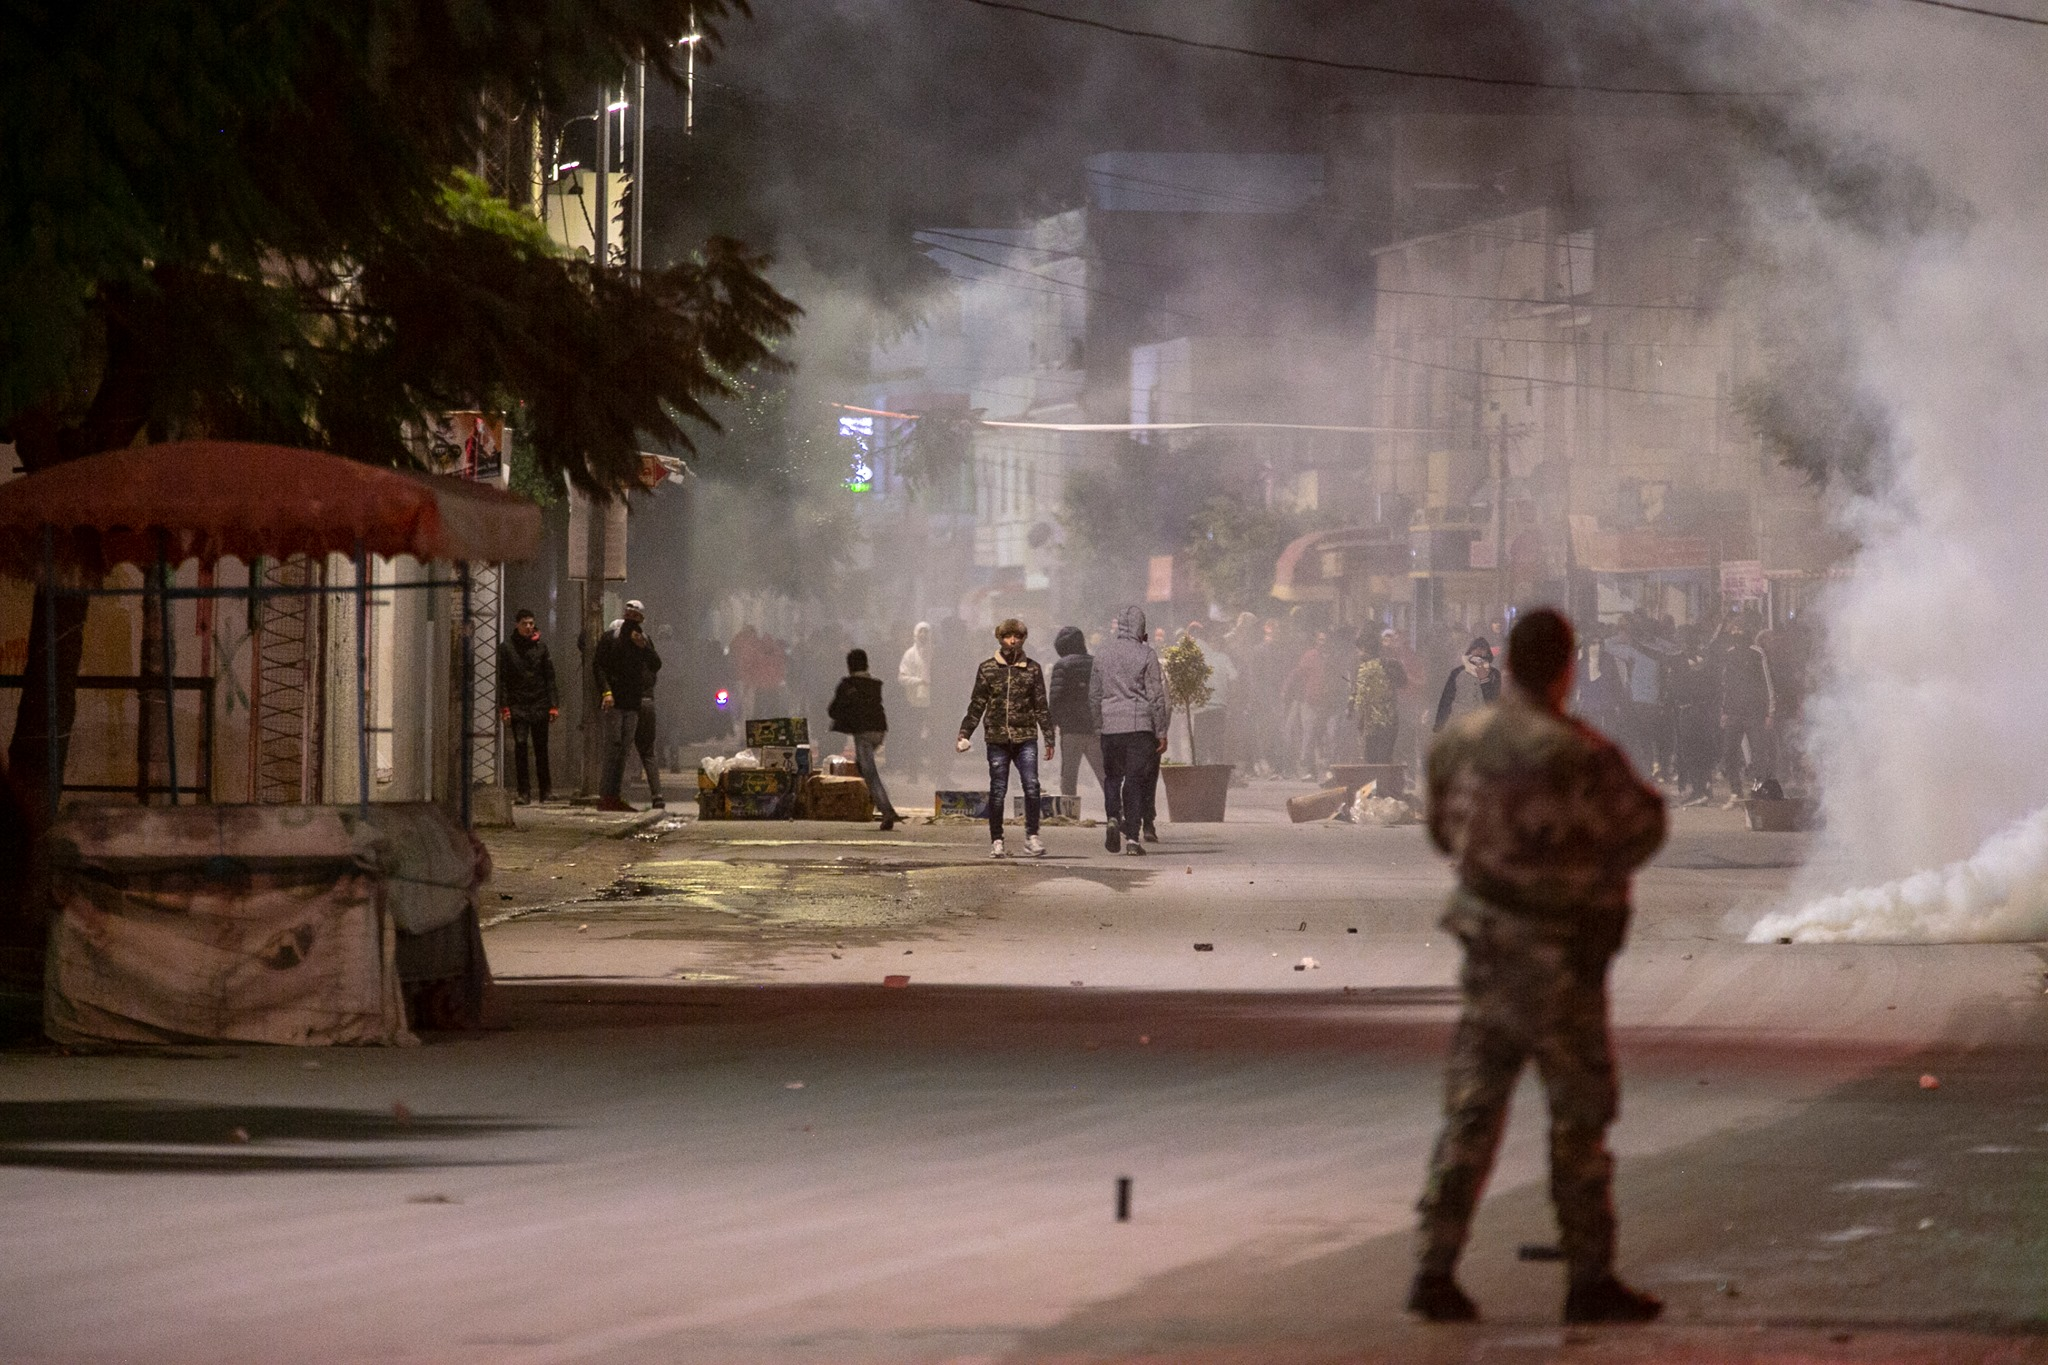 632 arrestations opérées dimanche, selon le ministère de l'Intérieur — Violences nocturnes